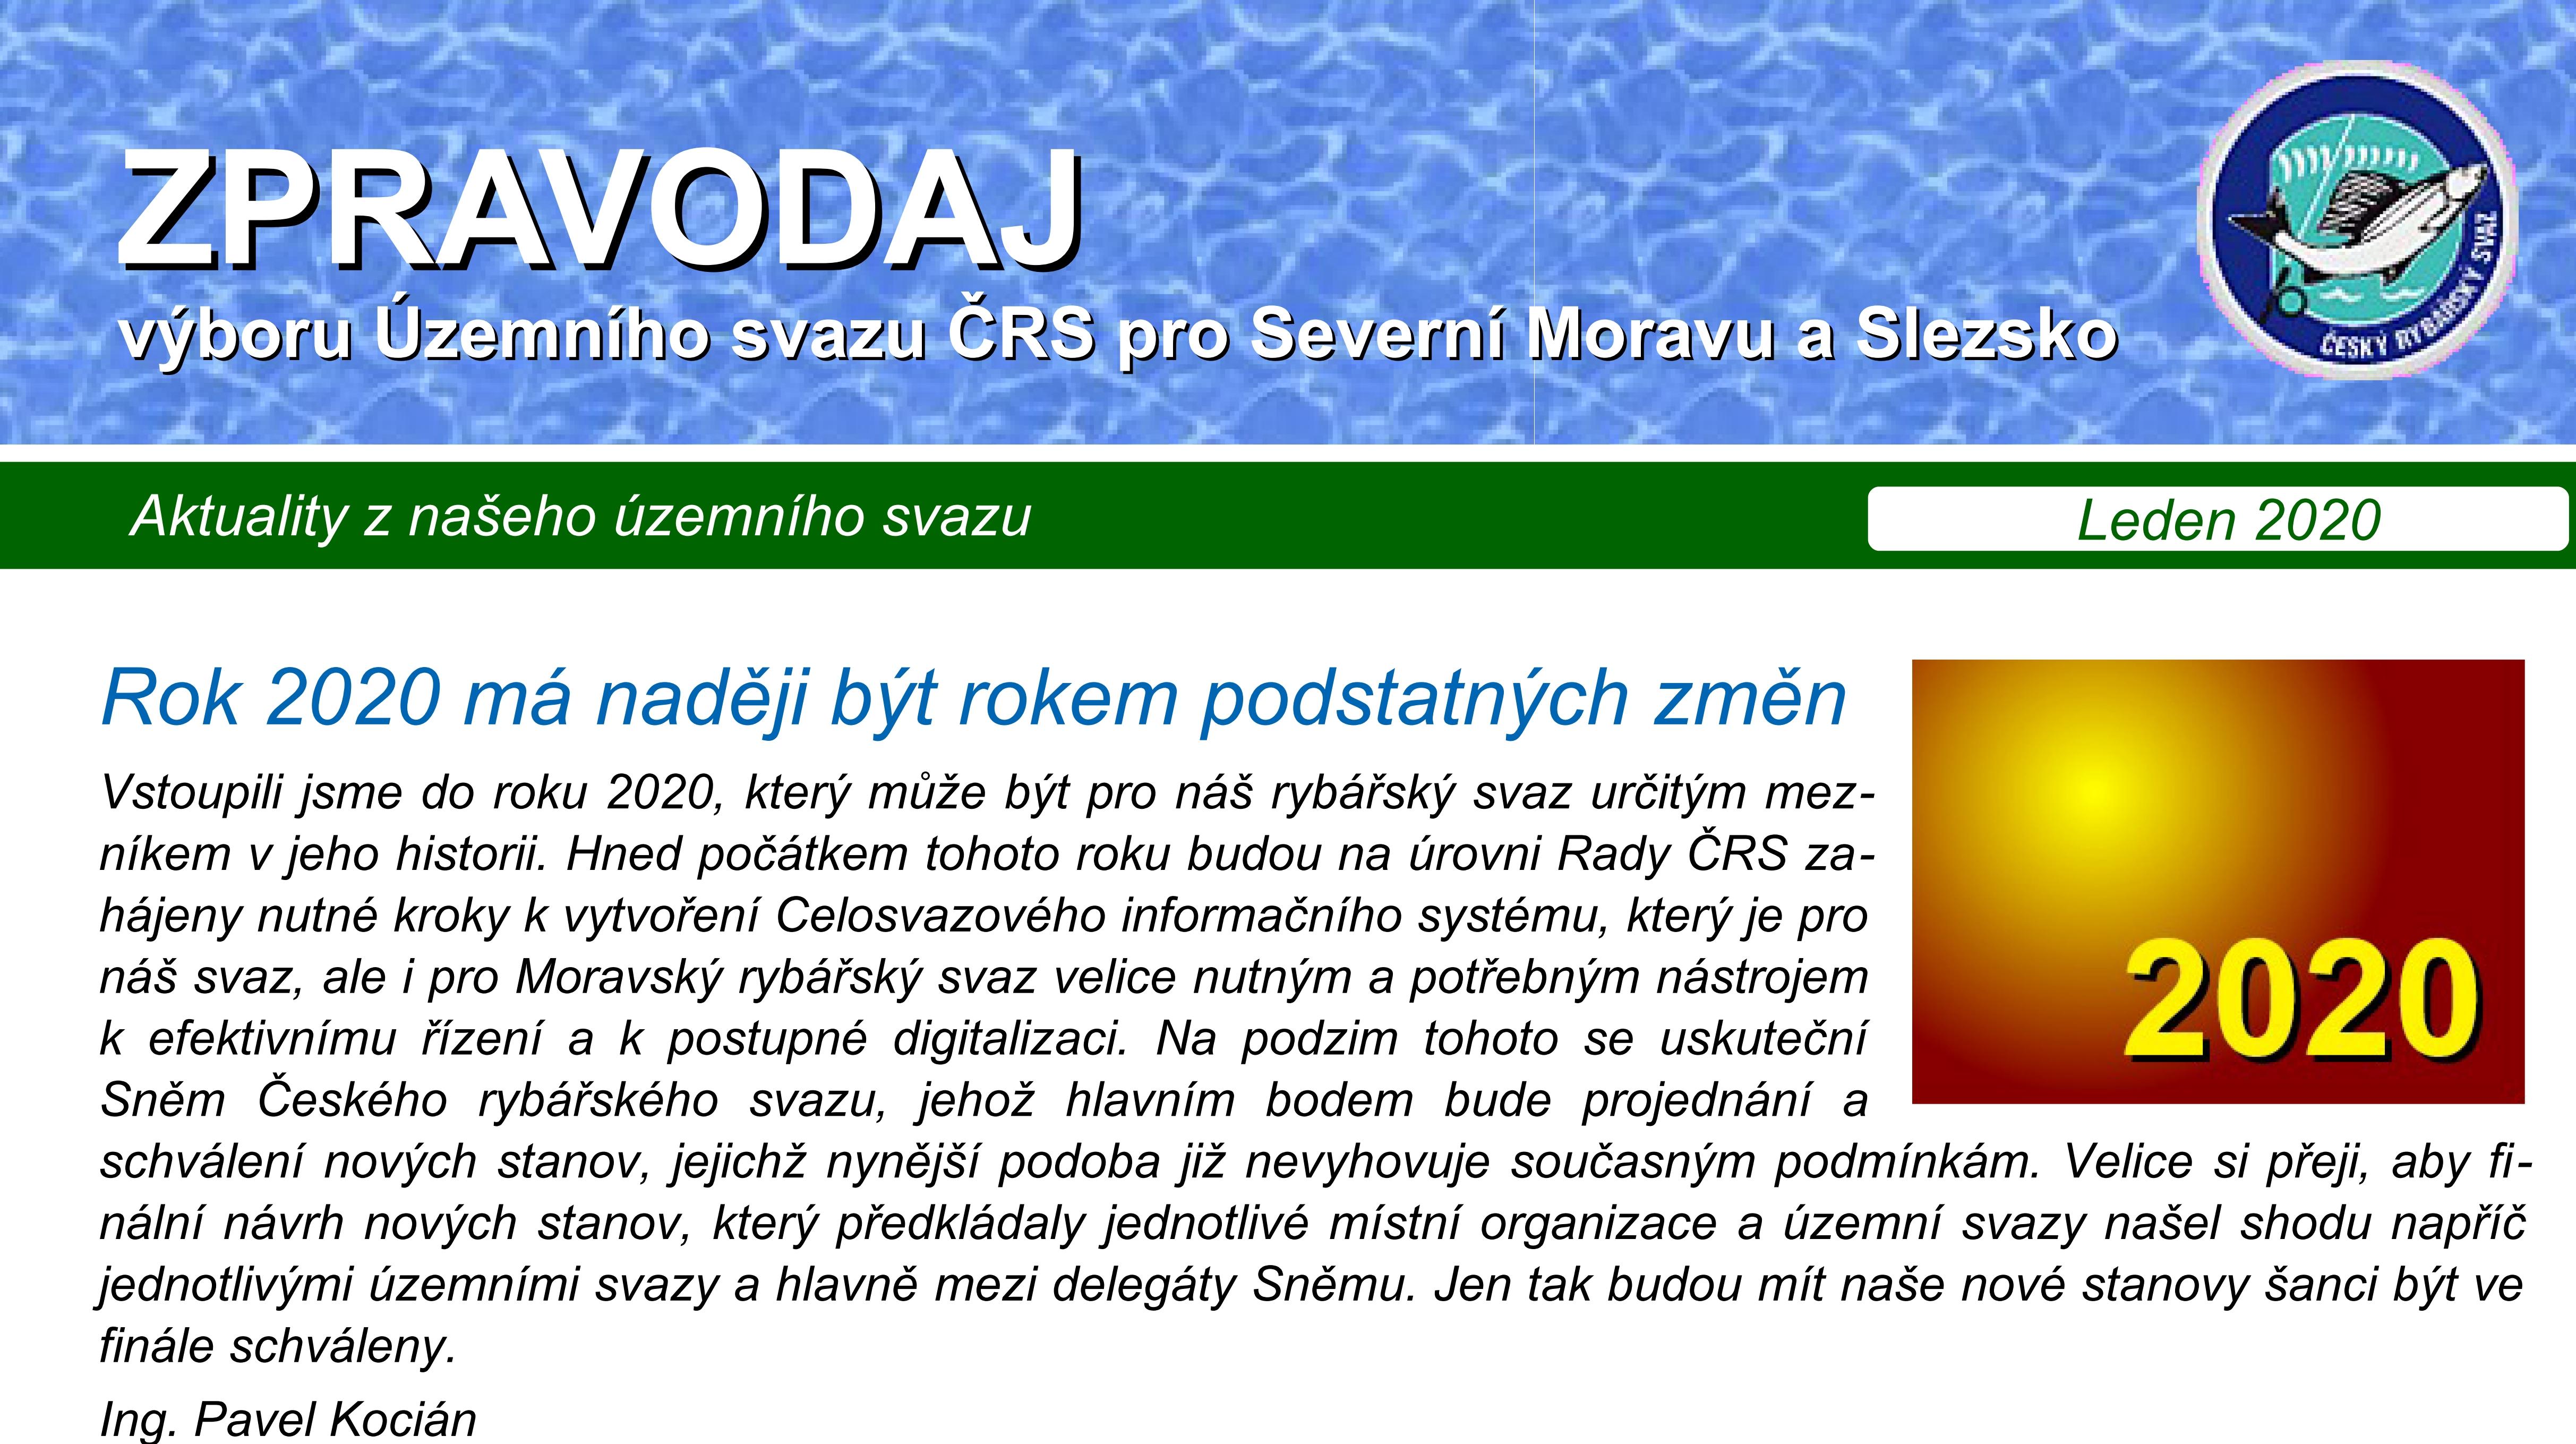 Leden- ZPRAVODAJ výboru Územního svazu ČRS pro Severní Moravu a Slezsko